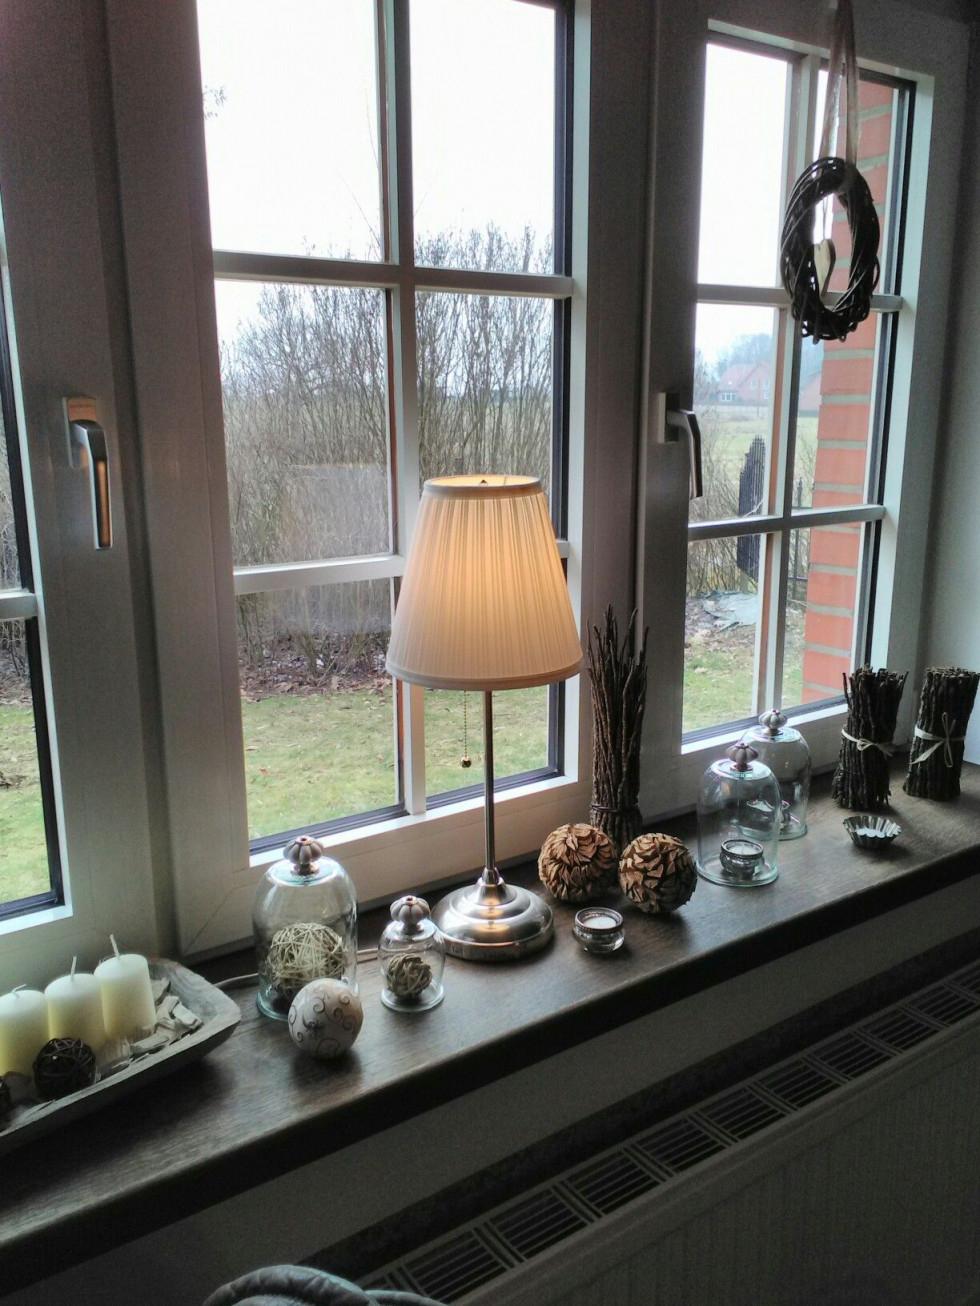 Fensterbank  Fenster Dekorieren Dekoration Wohnzimmer von Fensterbank Deko Wohnzimmer Photo